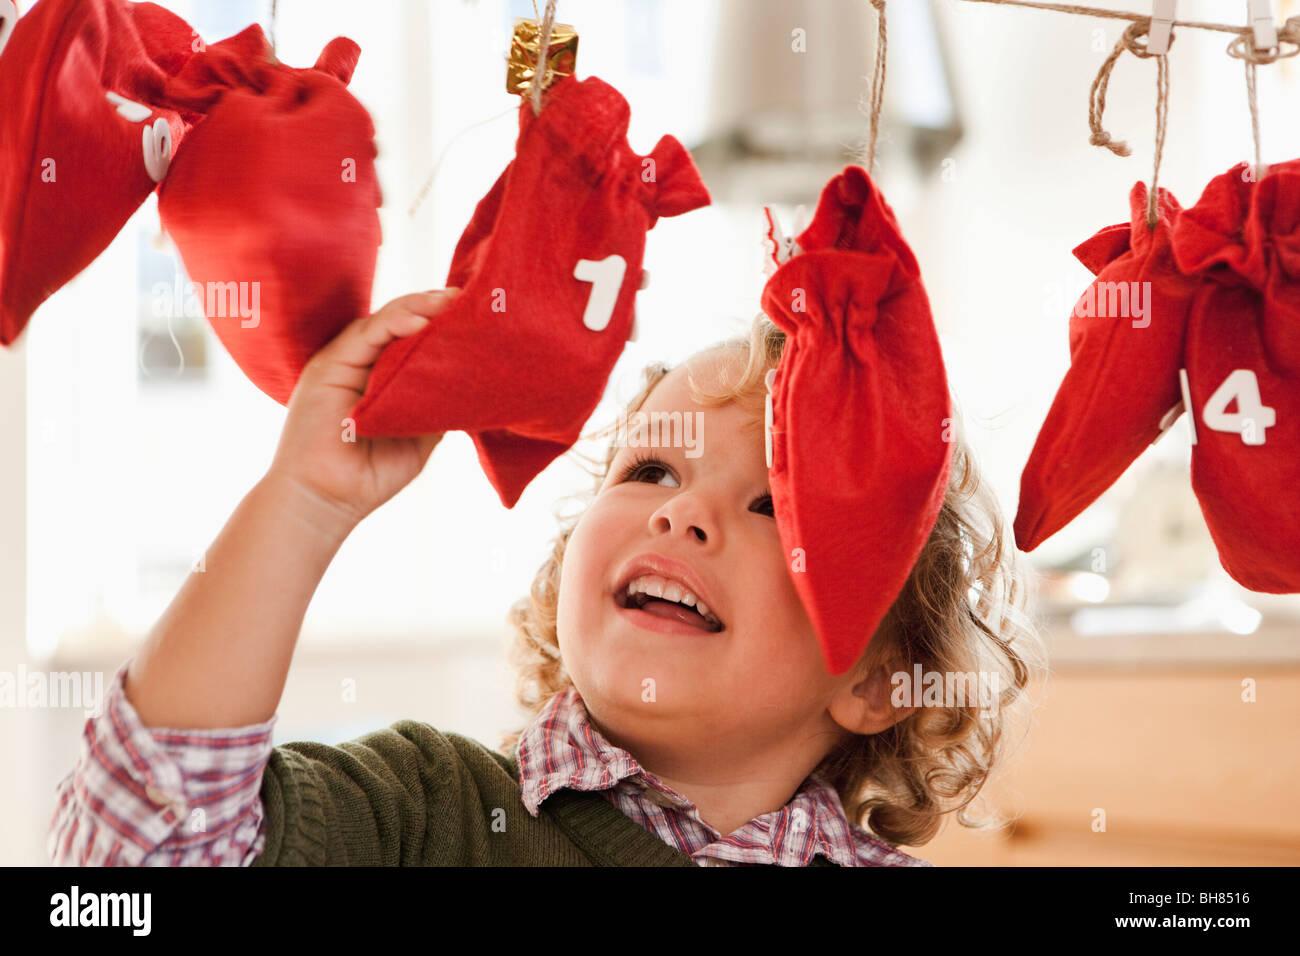 Young boy inspecting christmas sacks - Stock Image